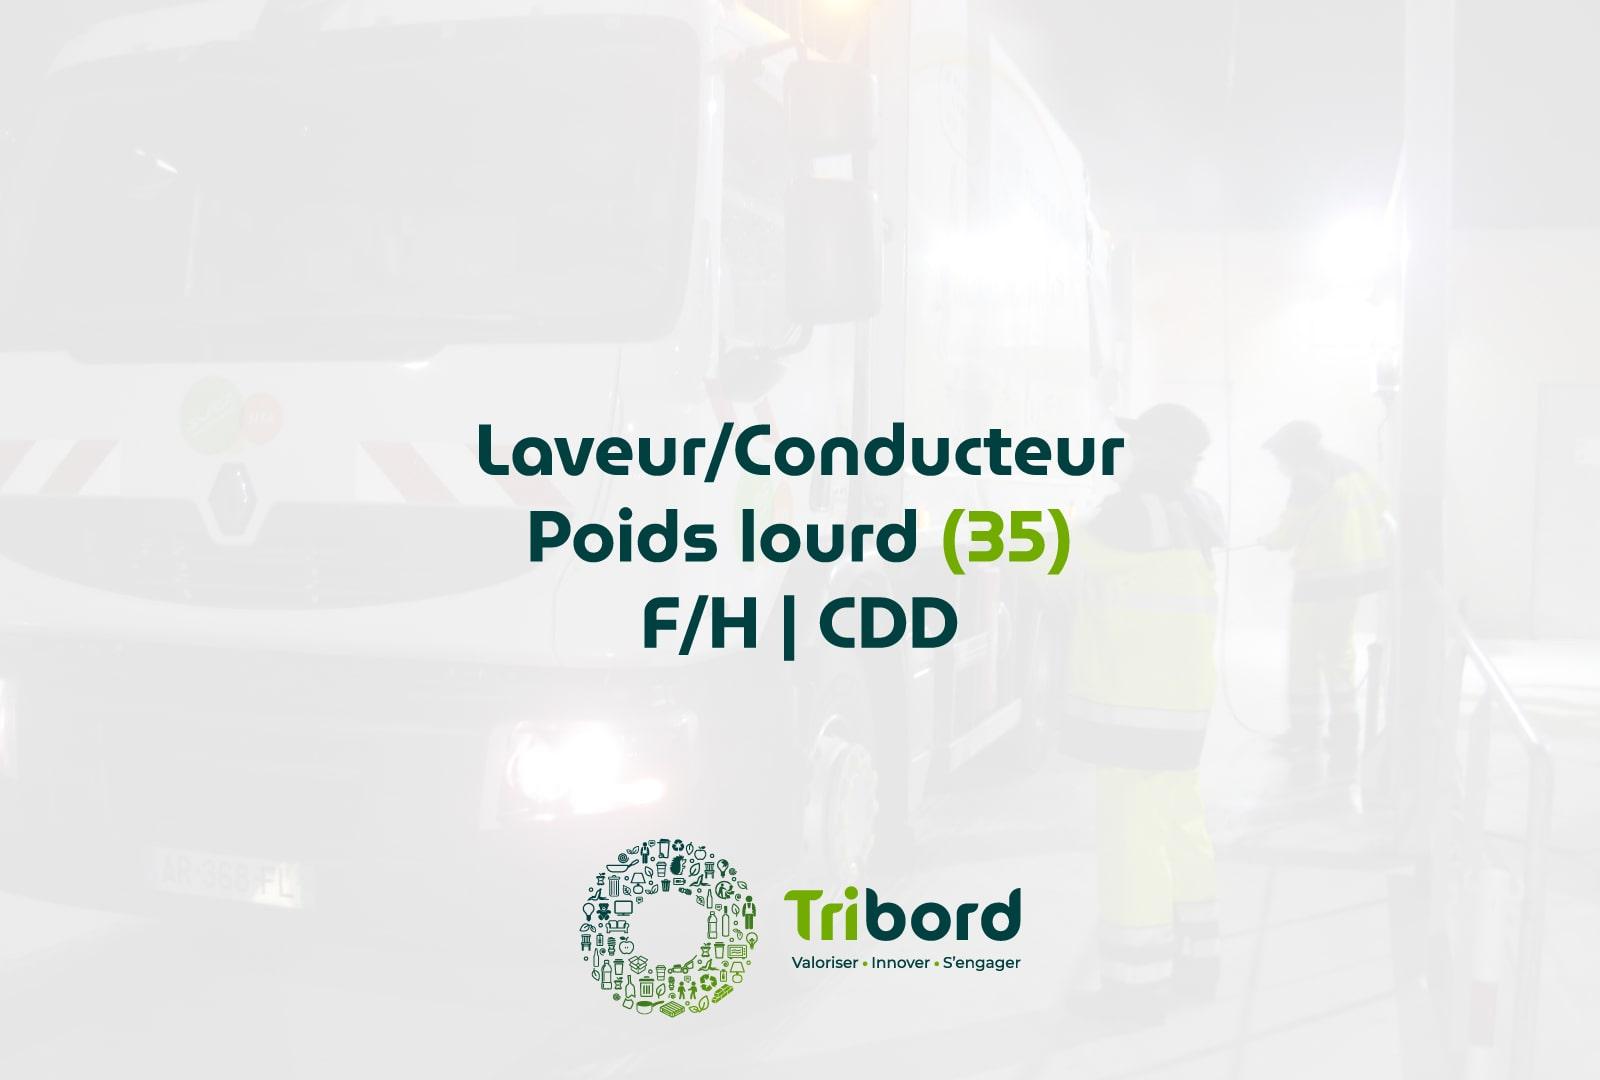 Offre d'emploi Conducteur/laveur Poids Lourd Tribord